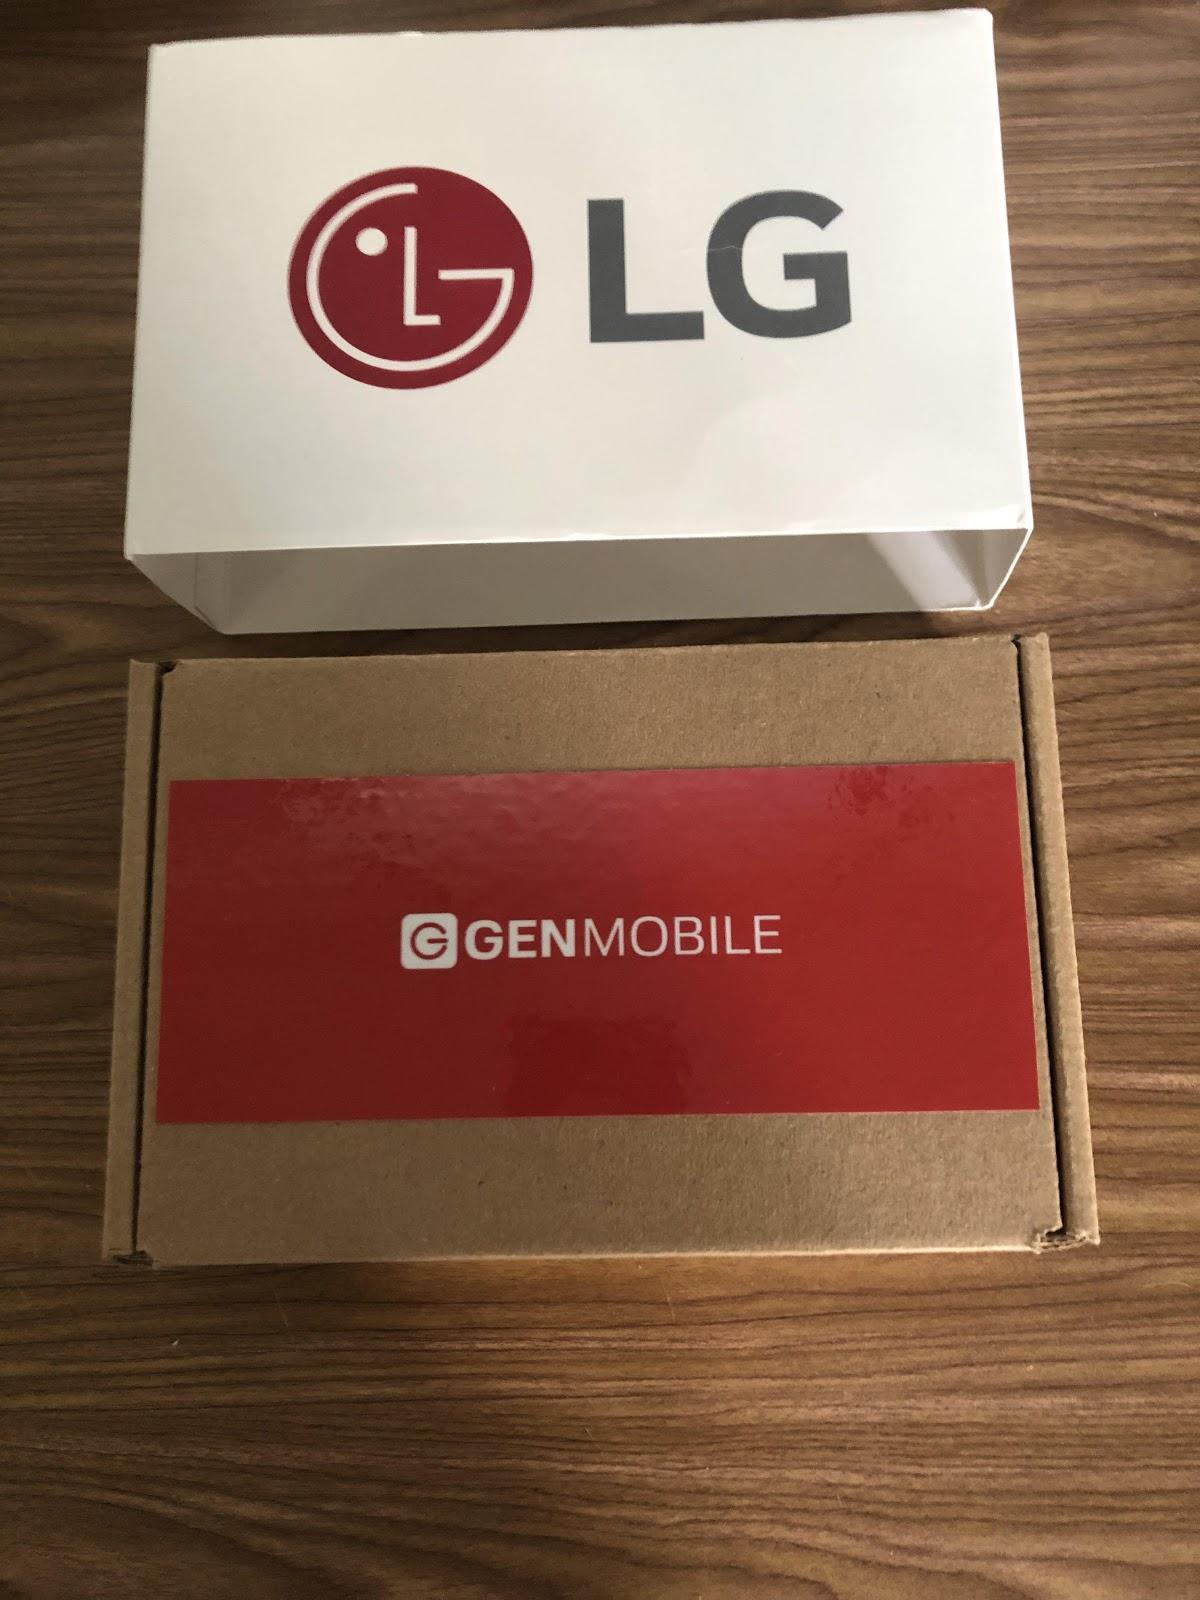 """LG """"szélesség ="""" 1200 """"magasság ="""" 1600 """"srcset ="""" https://www.savingadvice.com/wp-content/uploads/2019/10/LG.jpg 1200w, https://www.savingadvice.com/ wp-content / feltöltések / 2019/10 / LG-225x300.jpg 225w, https://www.savingadvice.com/wp-content/uploads/2019/10/LG-768x1024.jpg 768w, https: // www. savingadvice.com/wp-content/uploads/2019/10/LG-525x700.jpg 525w, https://www.savingadvice.com/wp-content/uploads/2019/10/LG-100x133.jpg 100w """"size = """"(maximális szélesség: 1200 képpont) 100 kW, 1200 képpont"""" /></p> <p>Aztán a kinyitáskor megláttam a telefonomat és az utasításokat – konkrét telefontervekkel és az induláshoz. Egyébként nagyon könnyű volt. Csak annyit kellett tennem, hogy feltöltöttem a telefont, majd tárcsáztam a 611-et (vagy hívhatunk külön telefonból, ha könnyebb), és csatlakoztam a telefonomhoz.</p> <p><img class="""